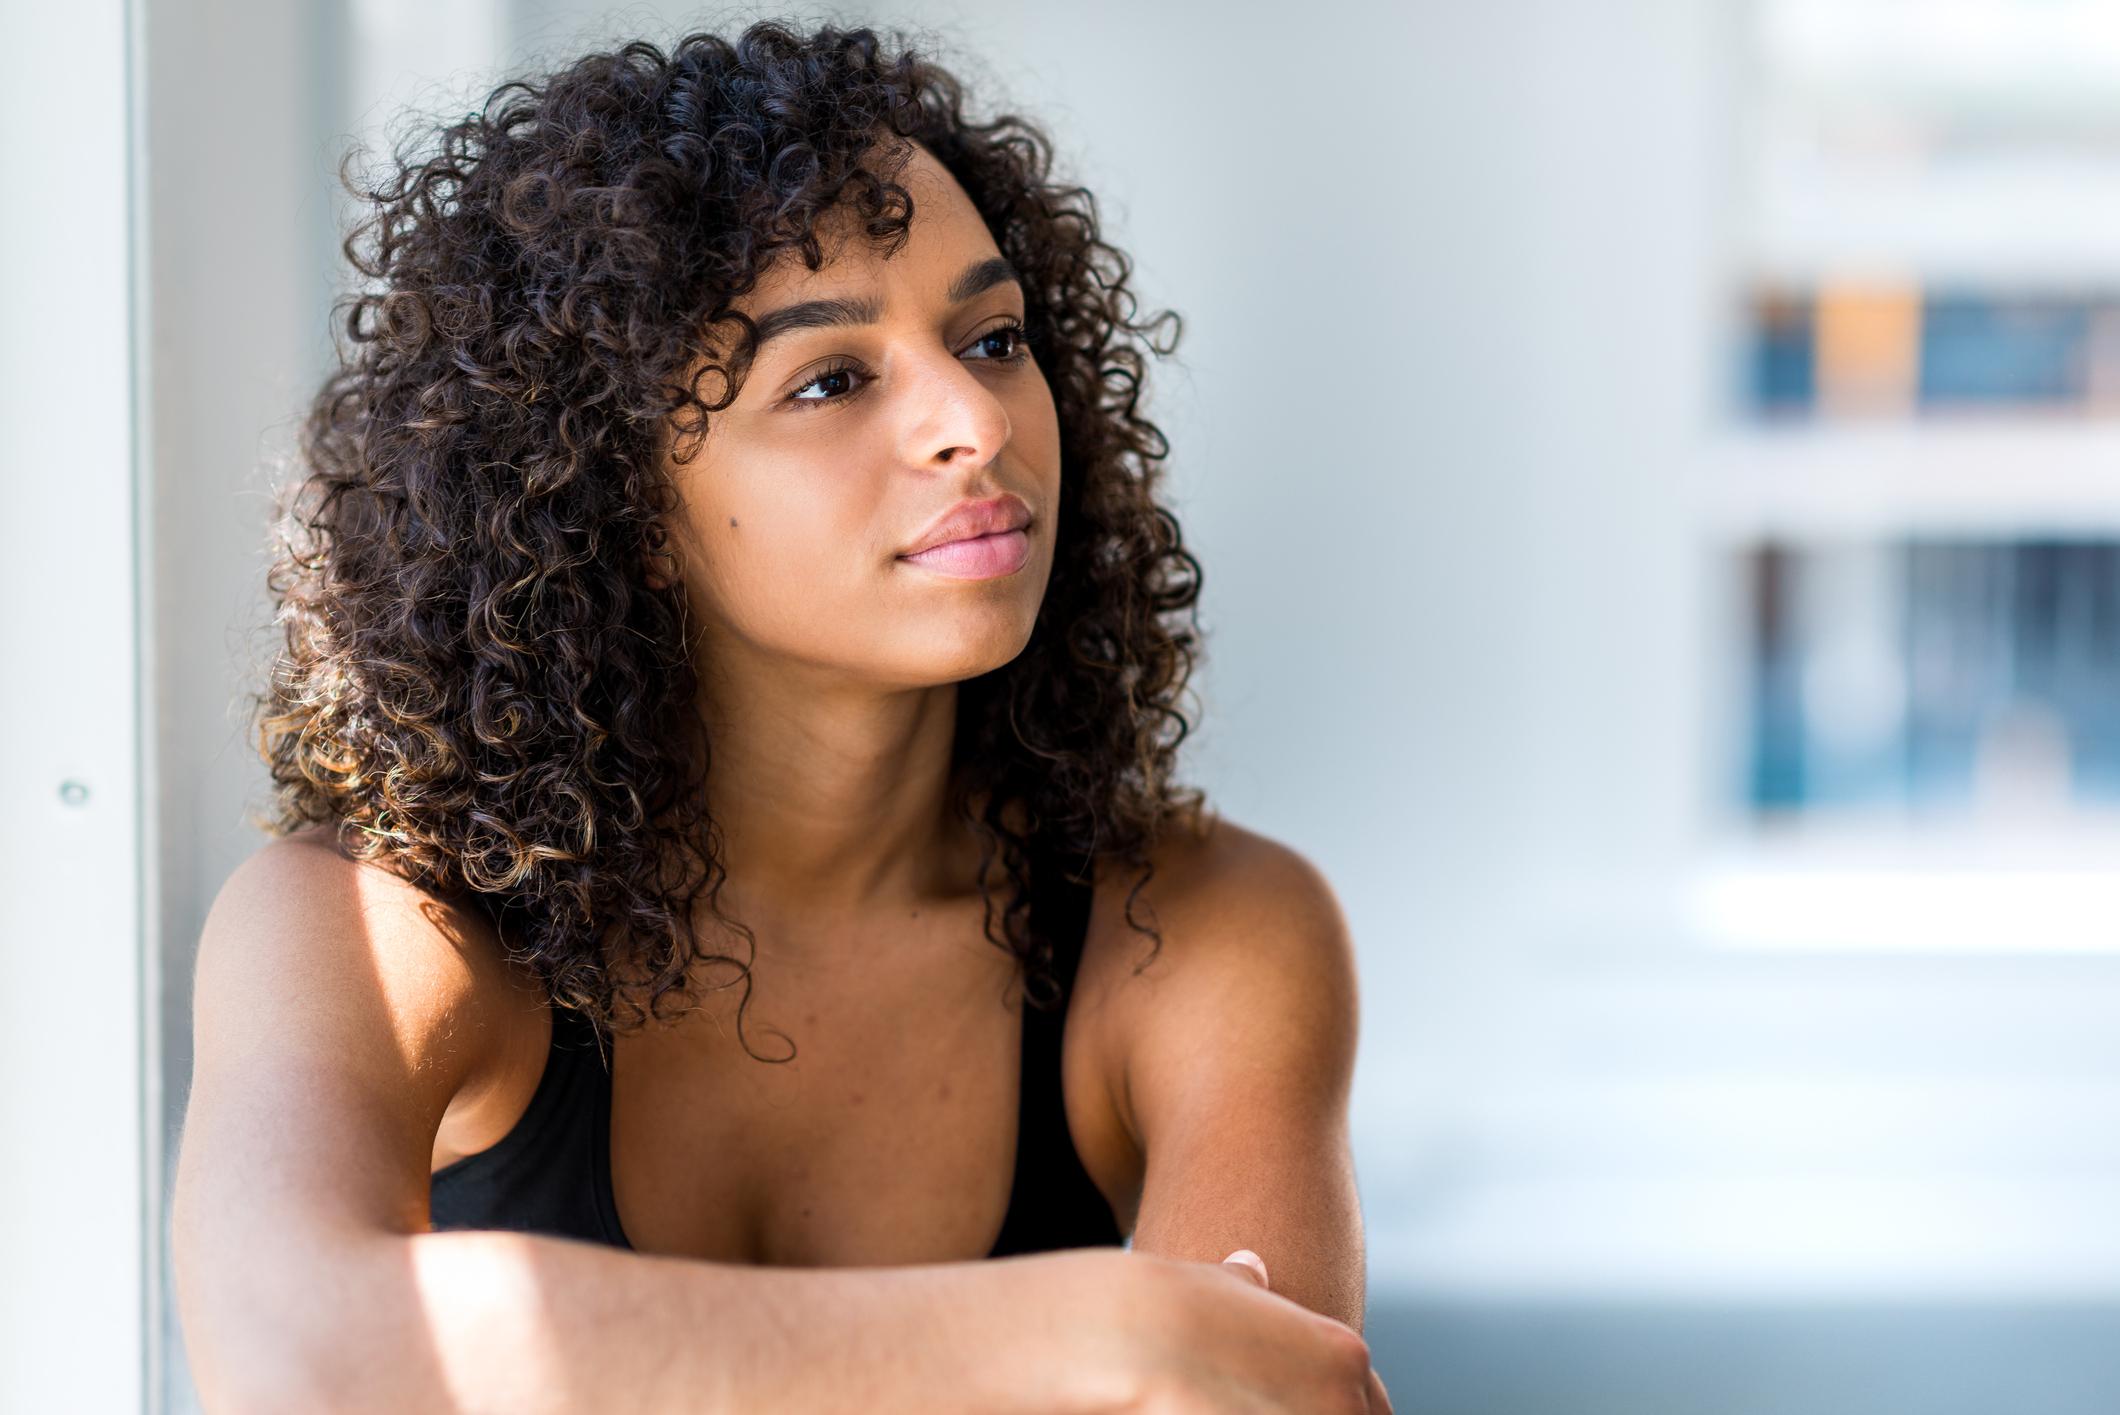 Famosos Corte de cabelo médio: Fotos e dicas de cortes para cabelo médio ER08